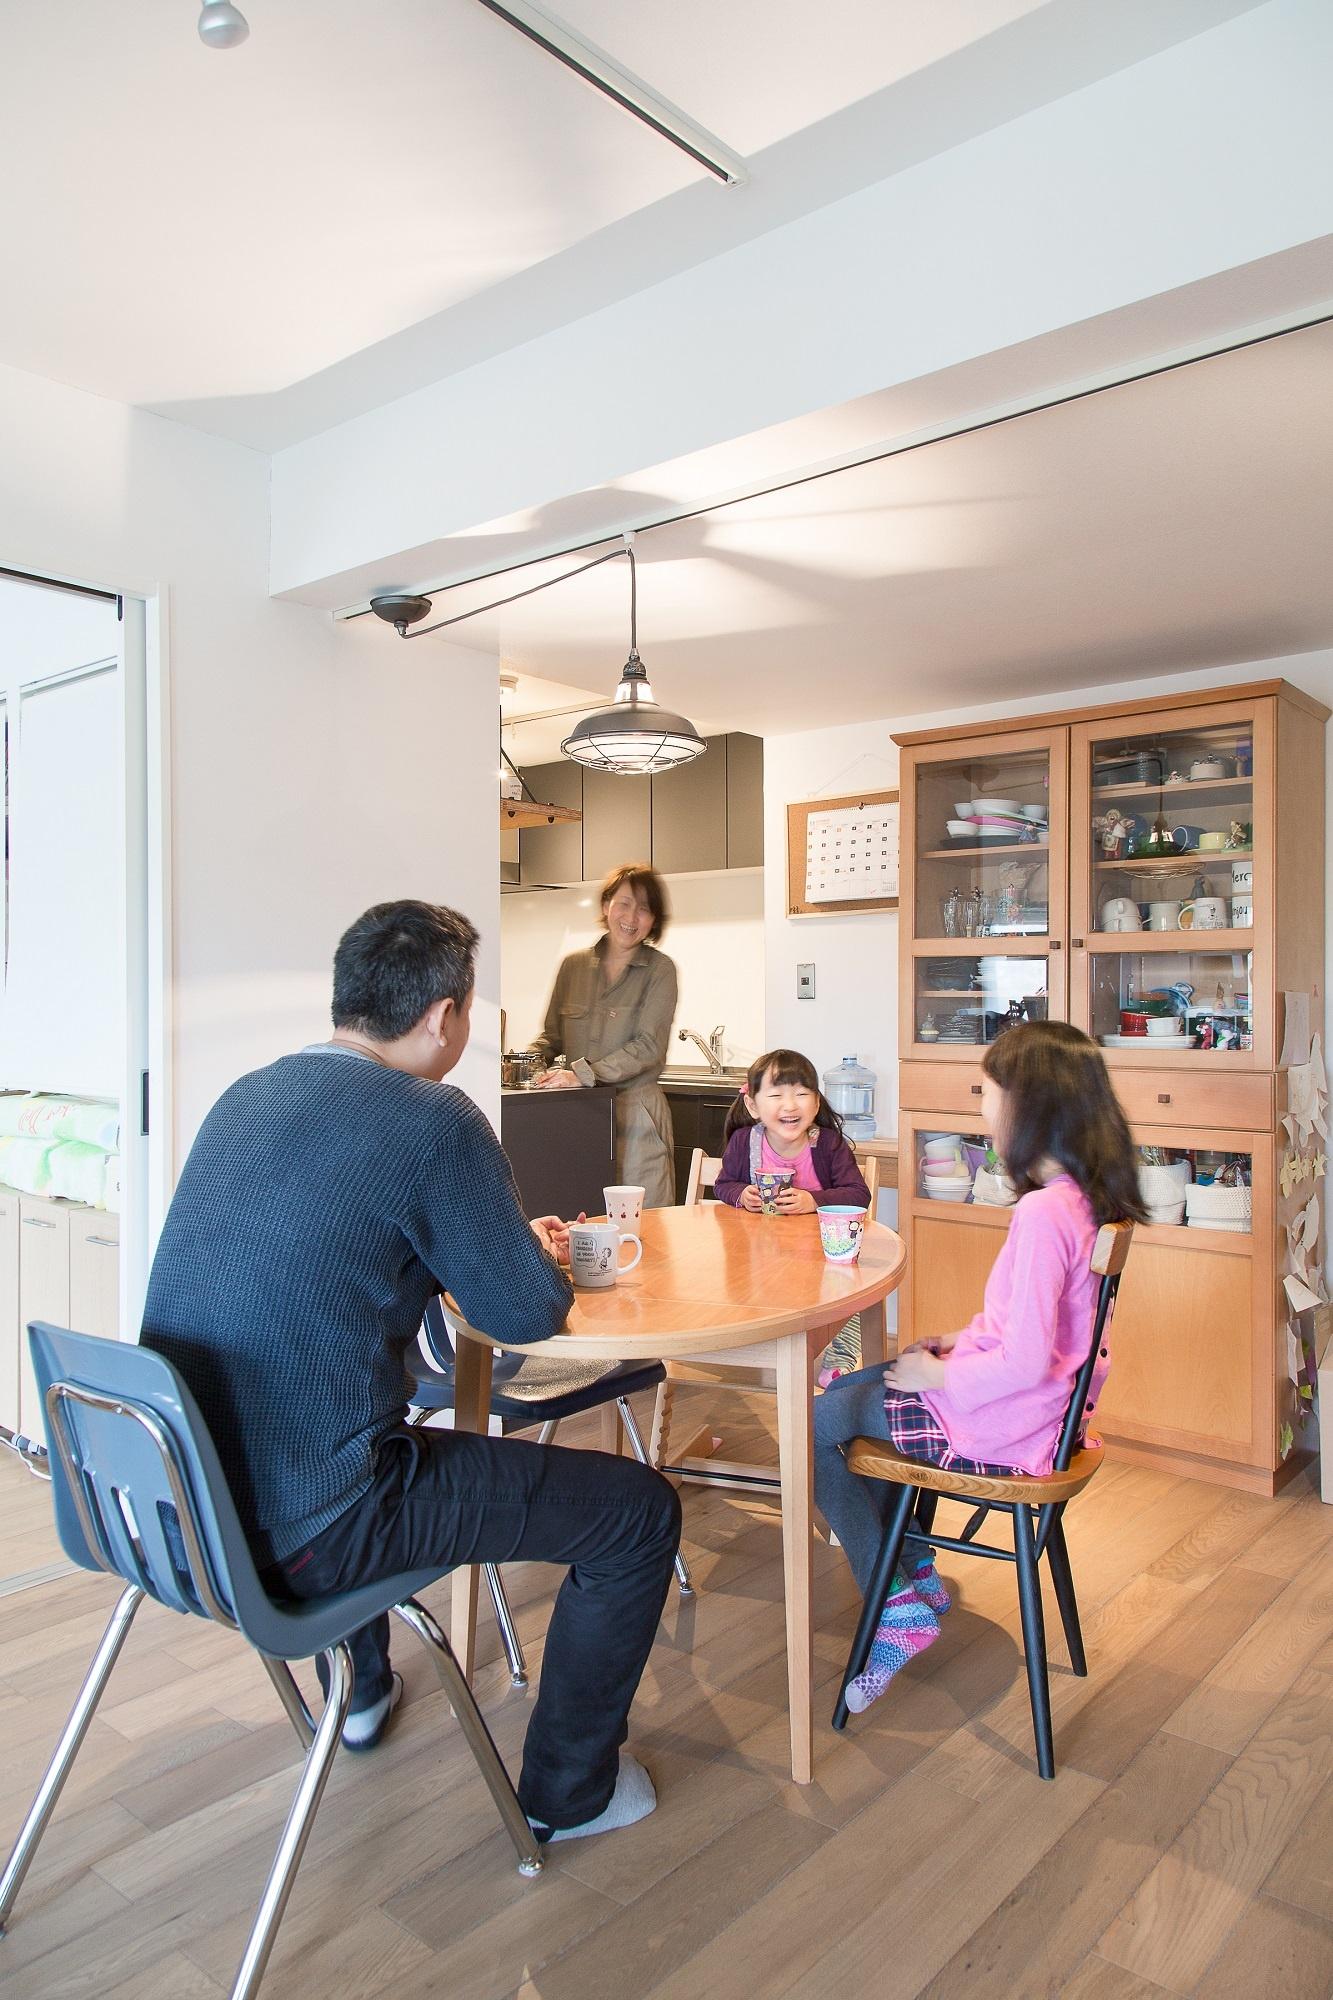 キッチンはオープンタイプに刷新。天井にライティングレールを設け、好みの照明インテリアを楽しめる仕様に